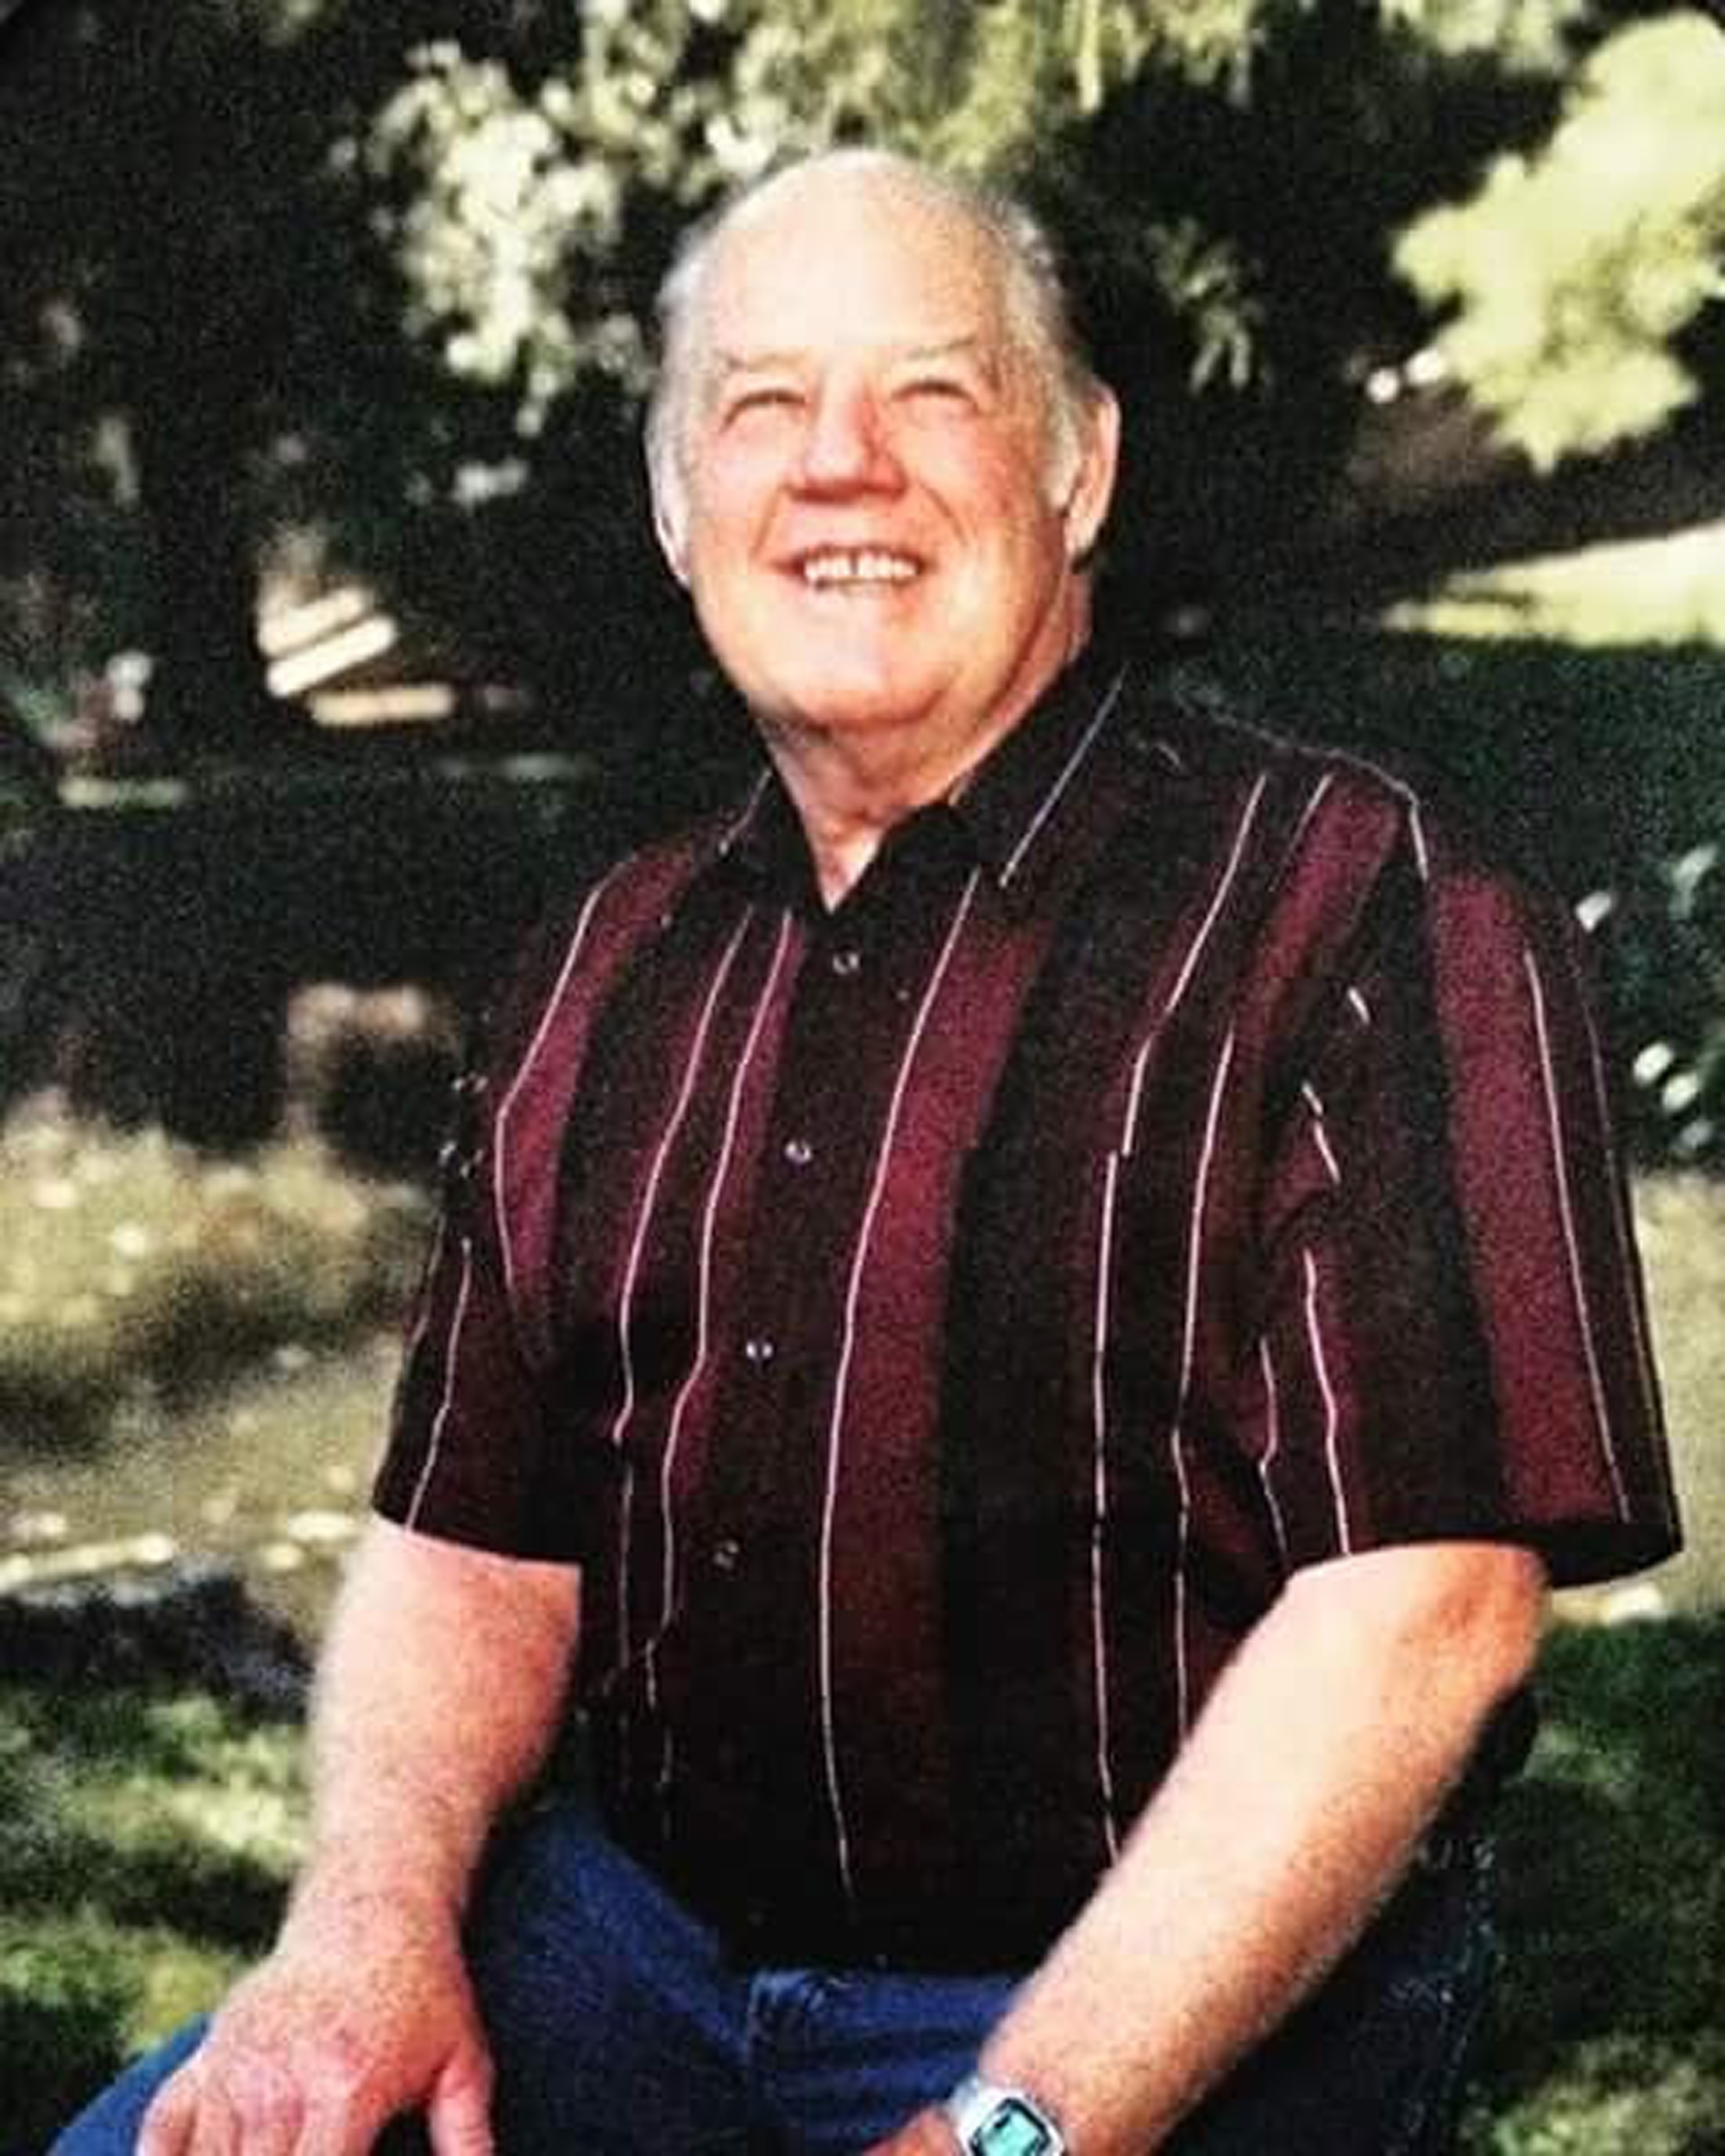 Gary Rasmussen